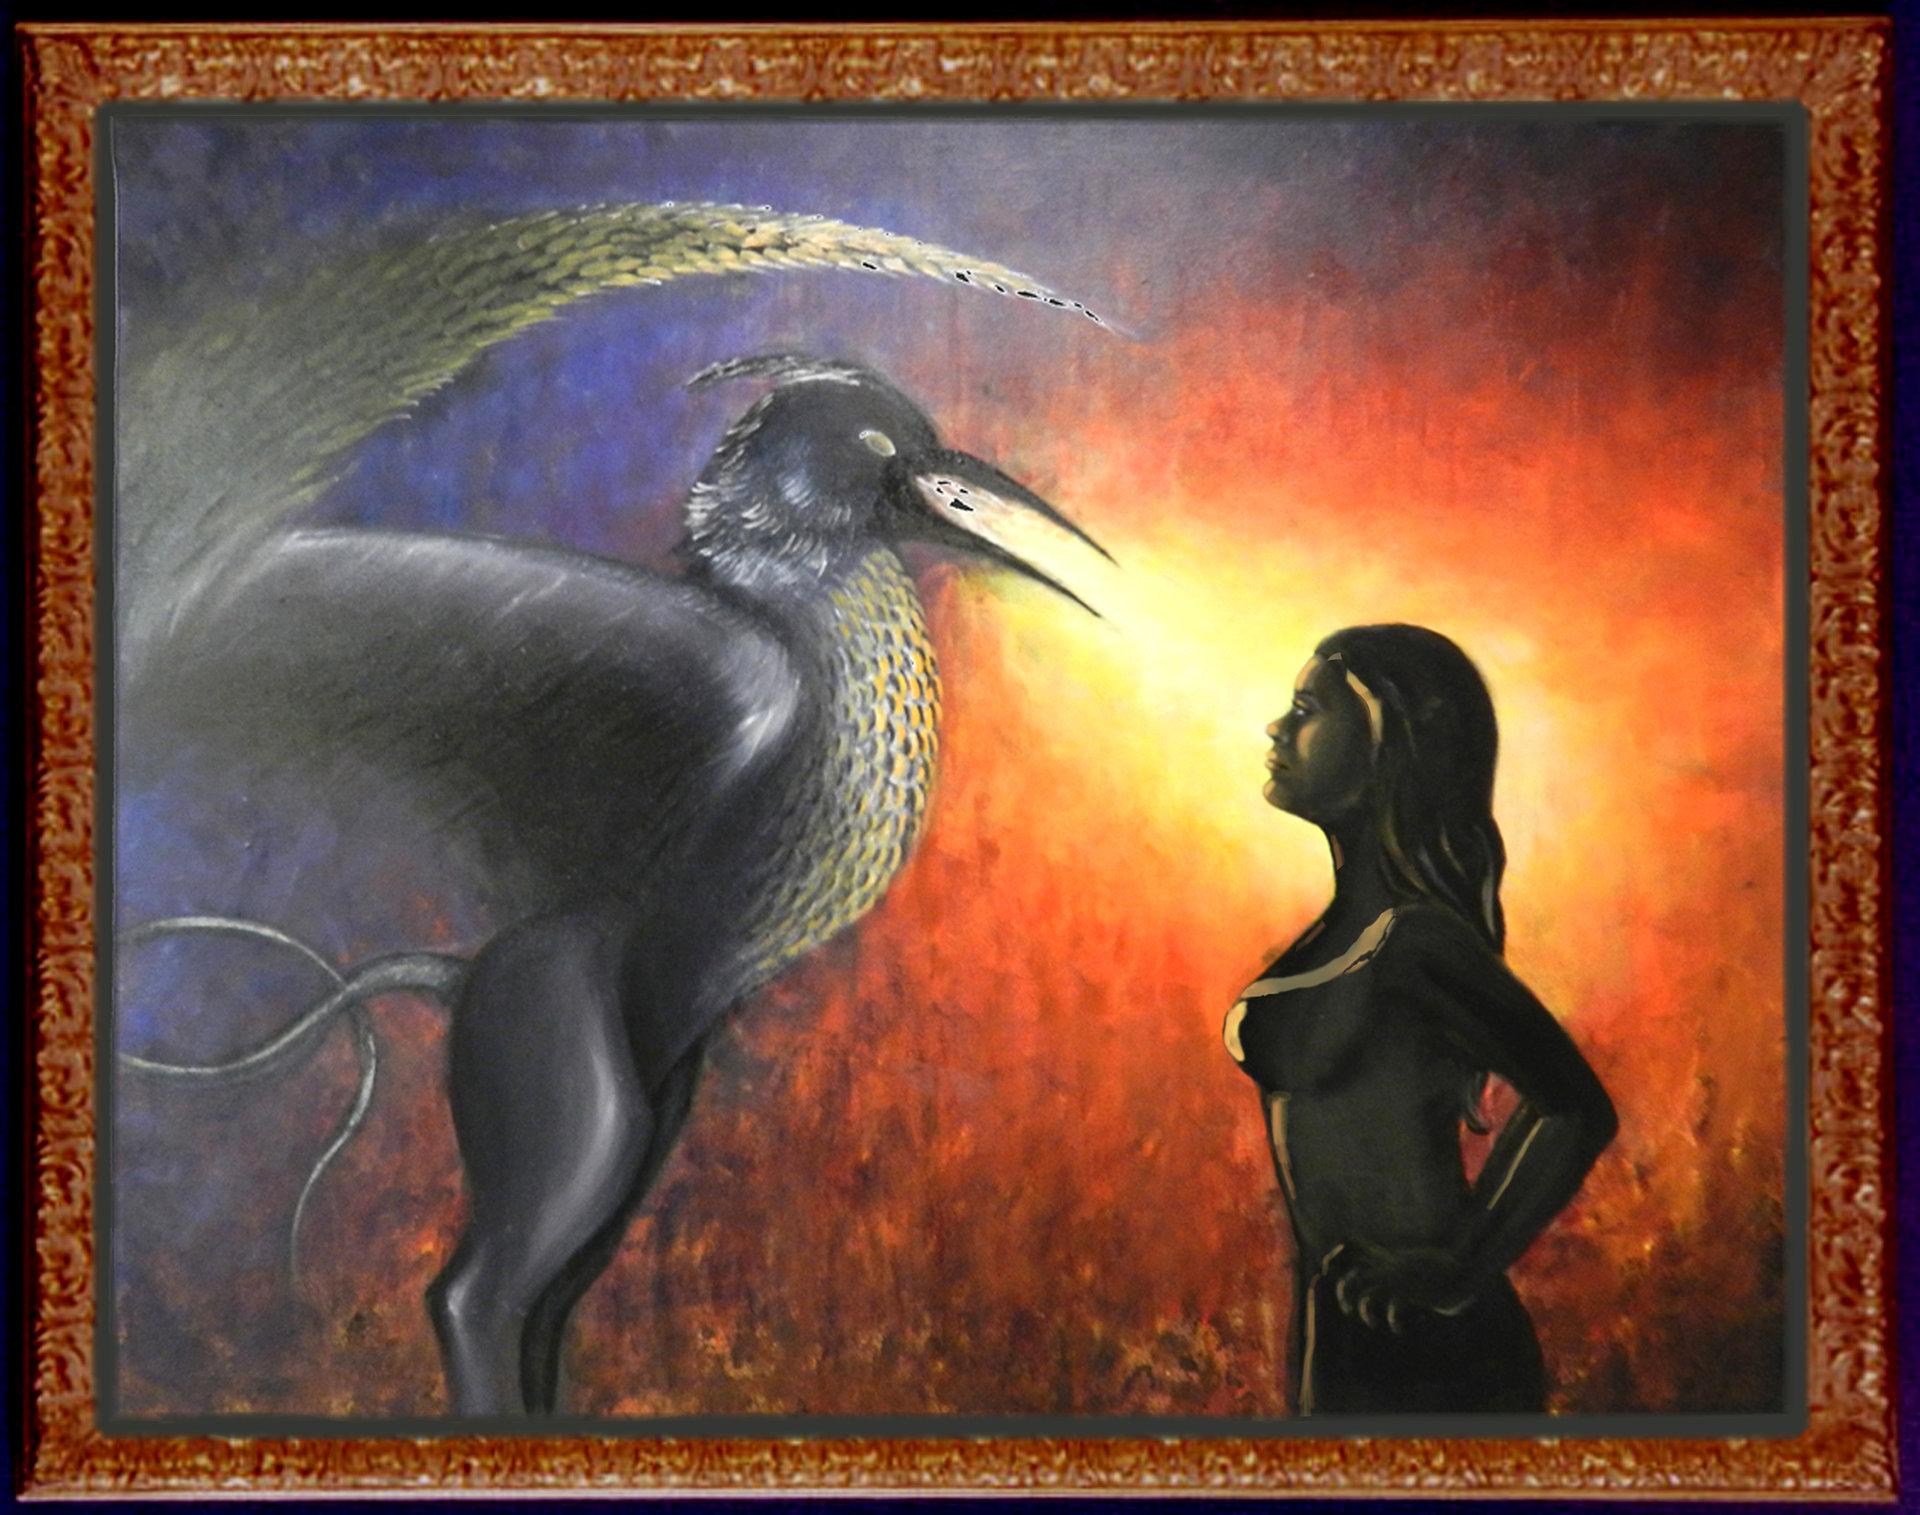 framed+dragon.jpg